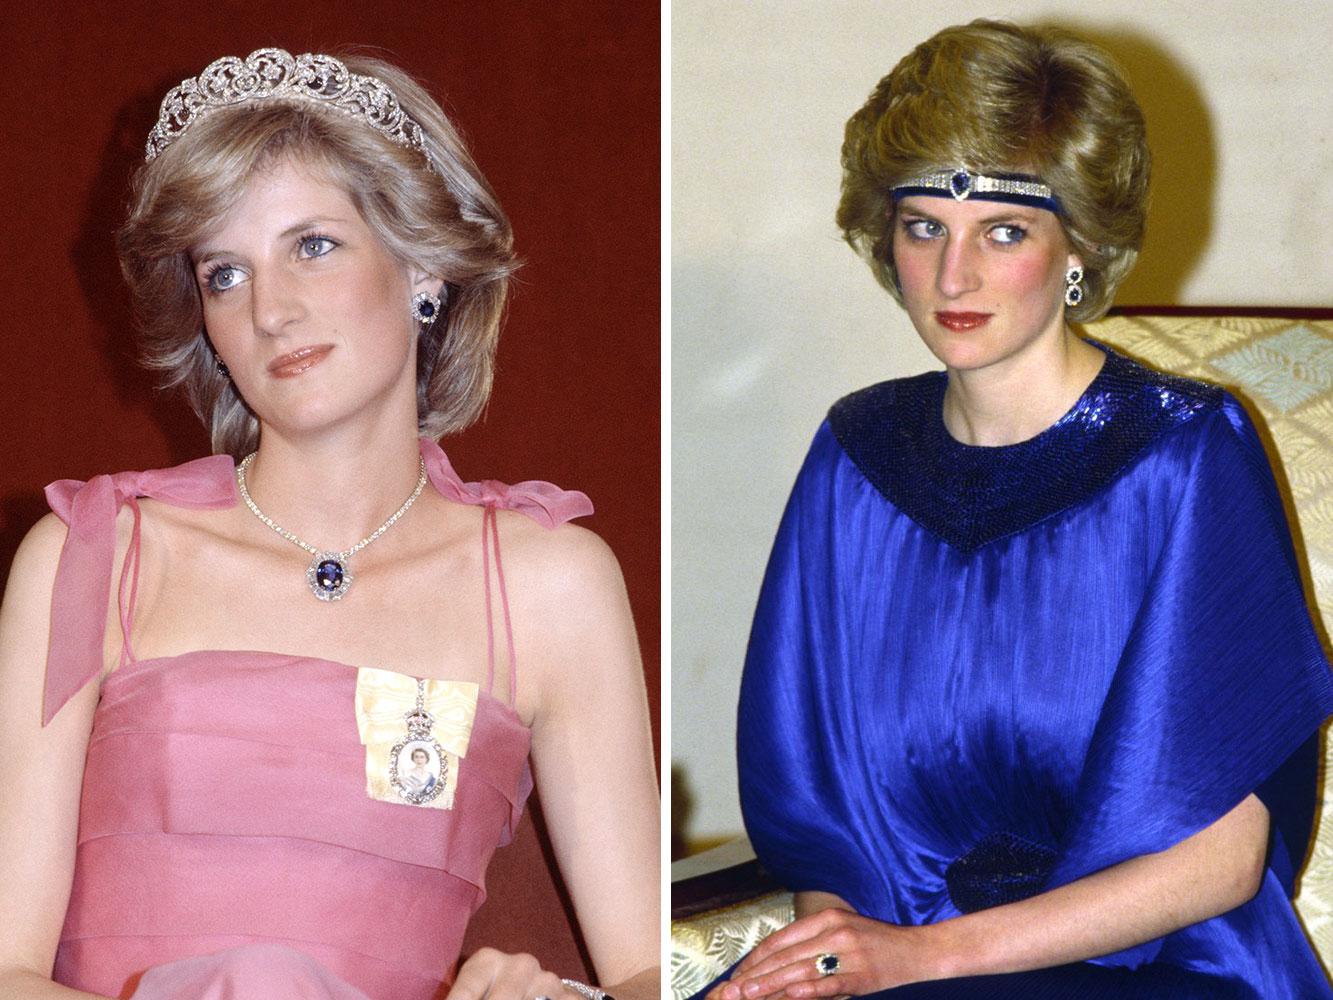 Món trang sức kinh điển của công nương Diana: Bộ vòng sapphire saudi